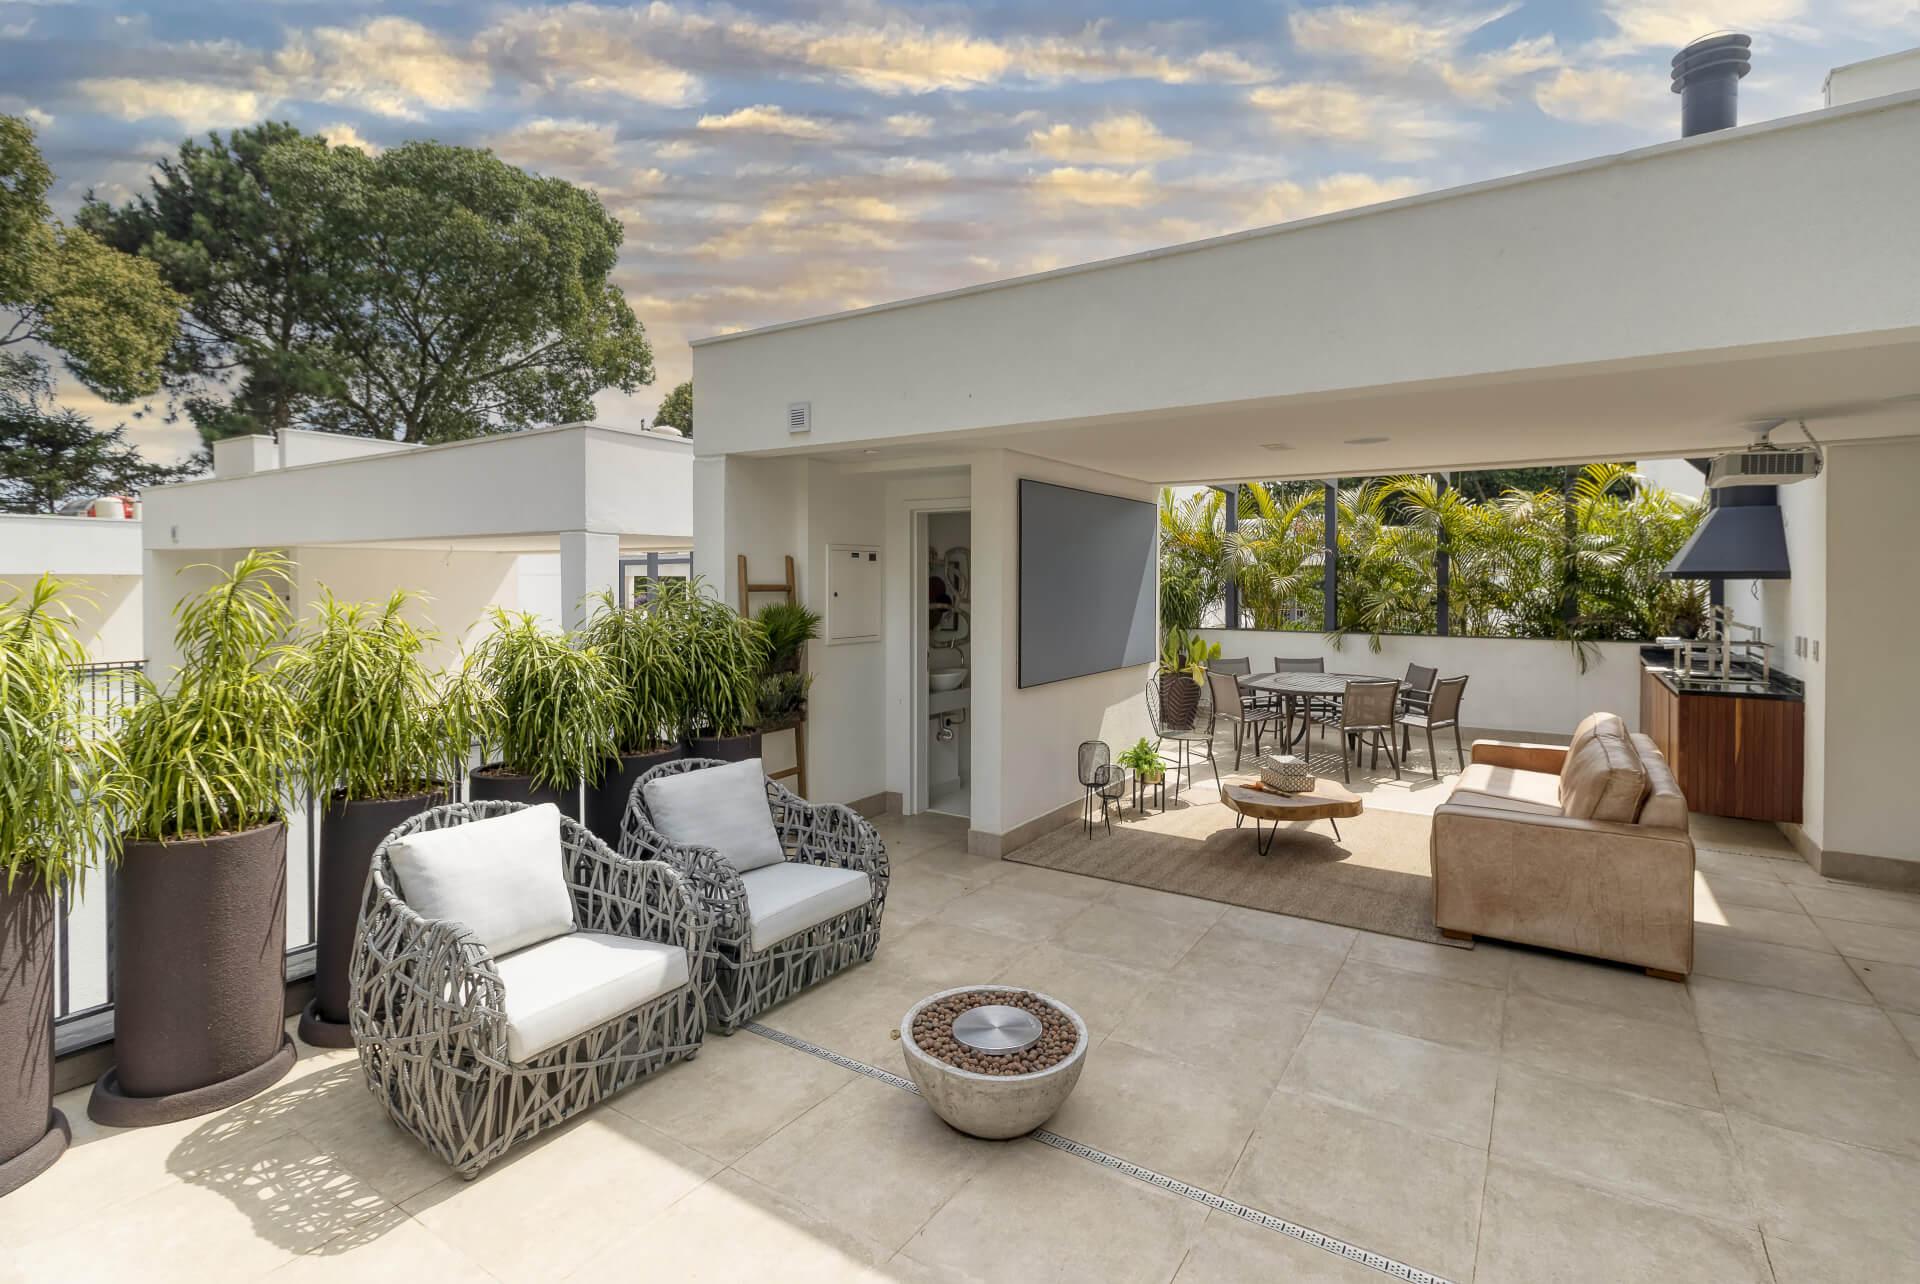 ROOFTOP com sugestão de uso para terraço gourmet e espaço cinema. O piso e parede neutros conversam com o verde do paisagismo, criando um ambiente contemporâneo e aconchegante.